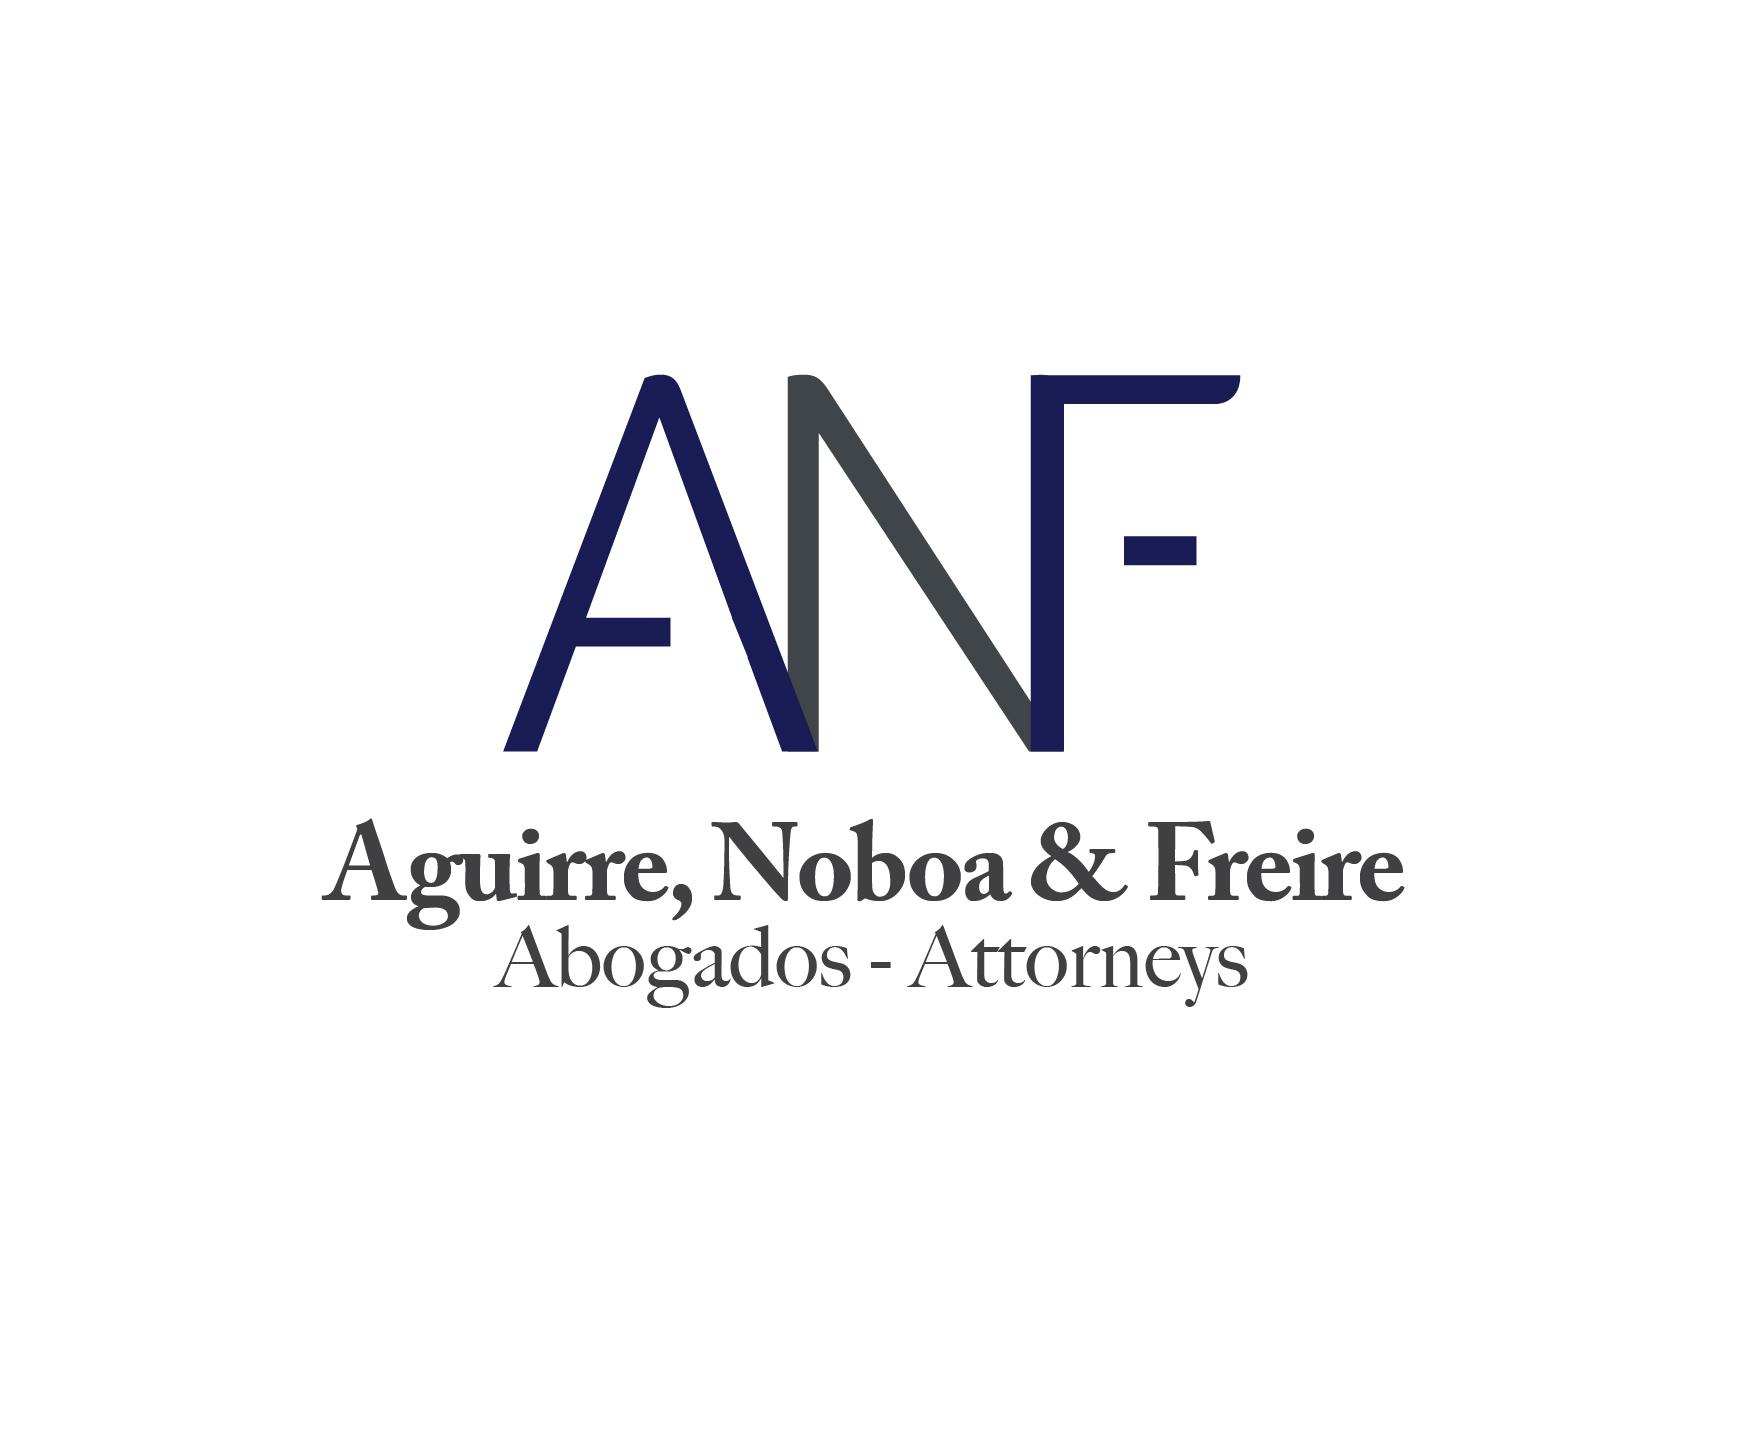 logo ANF nuevo propuesta-05.jpg